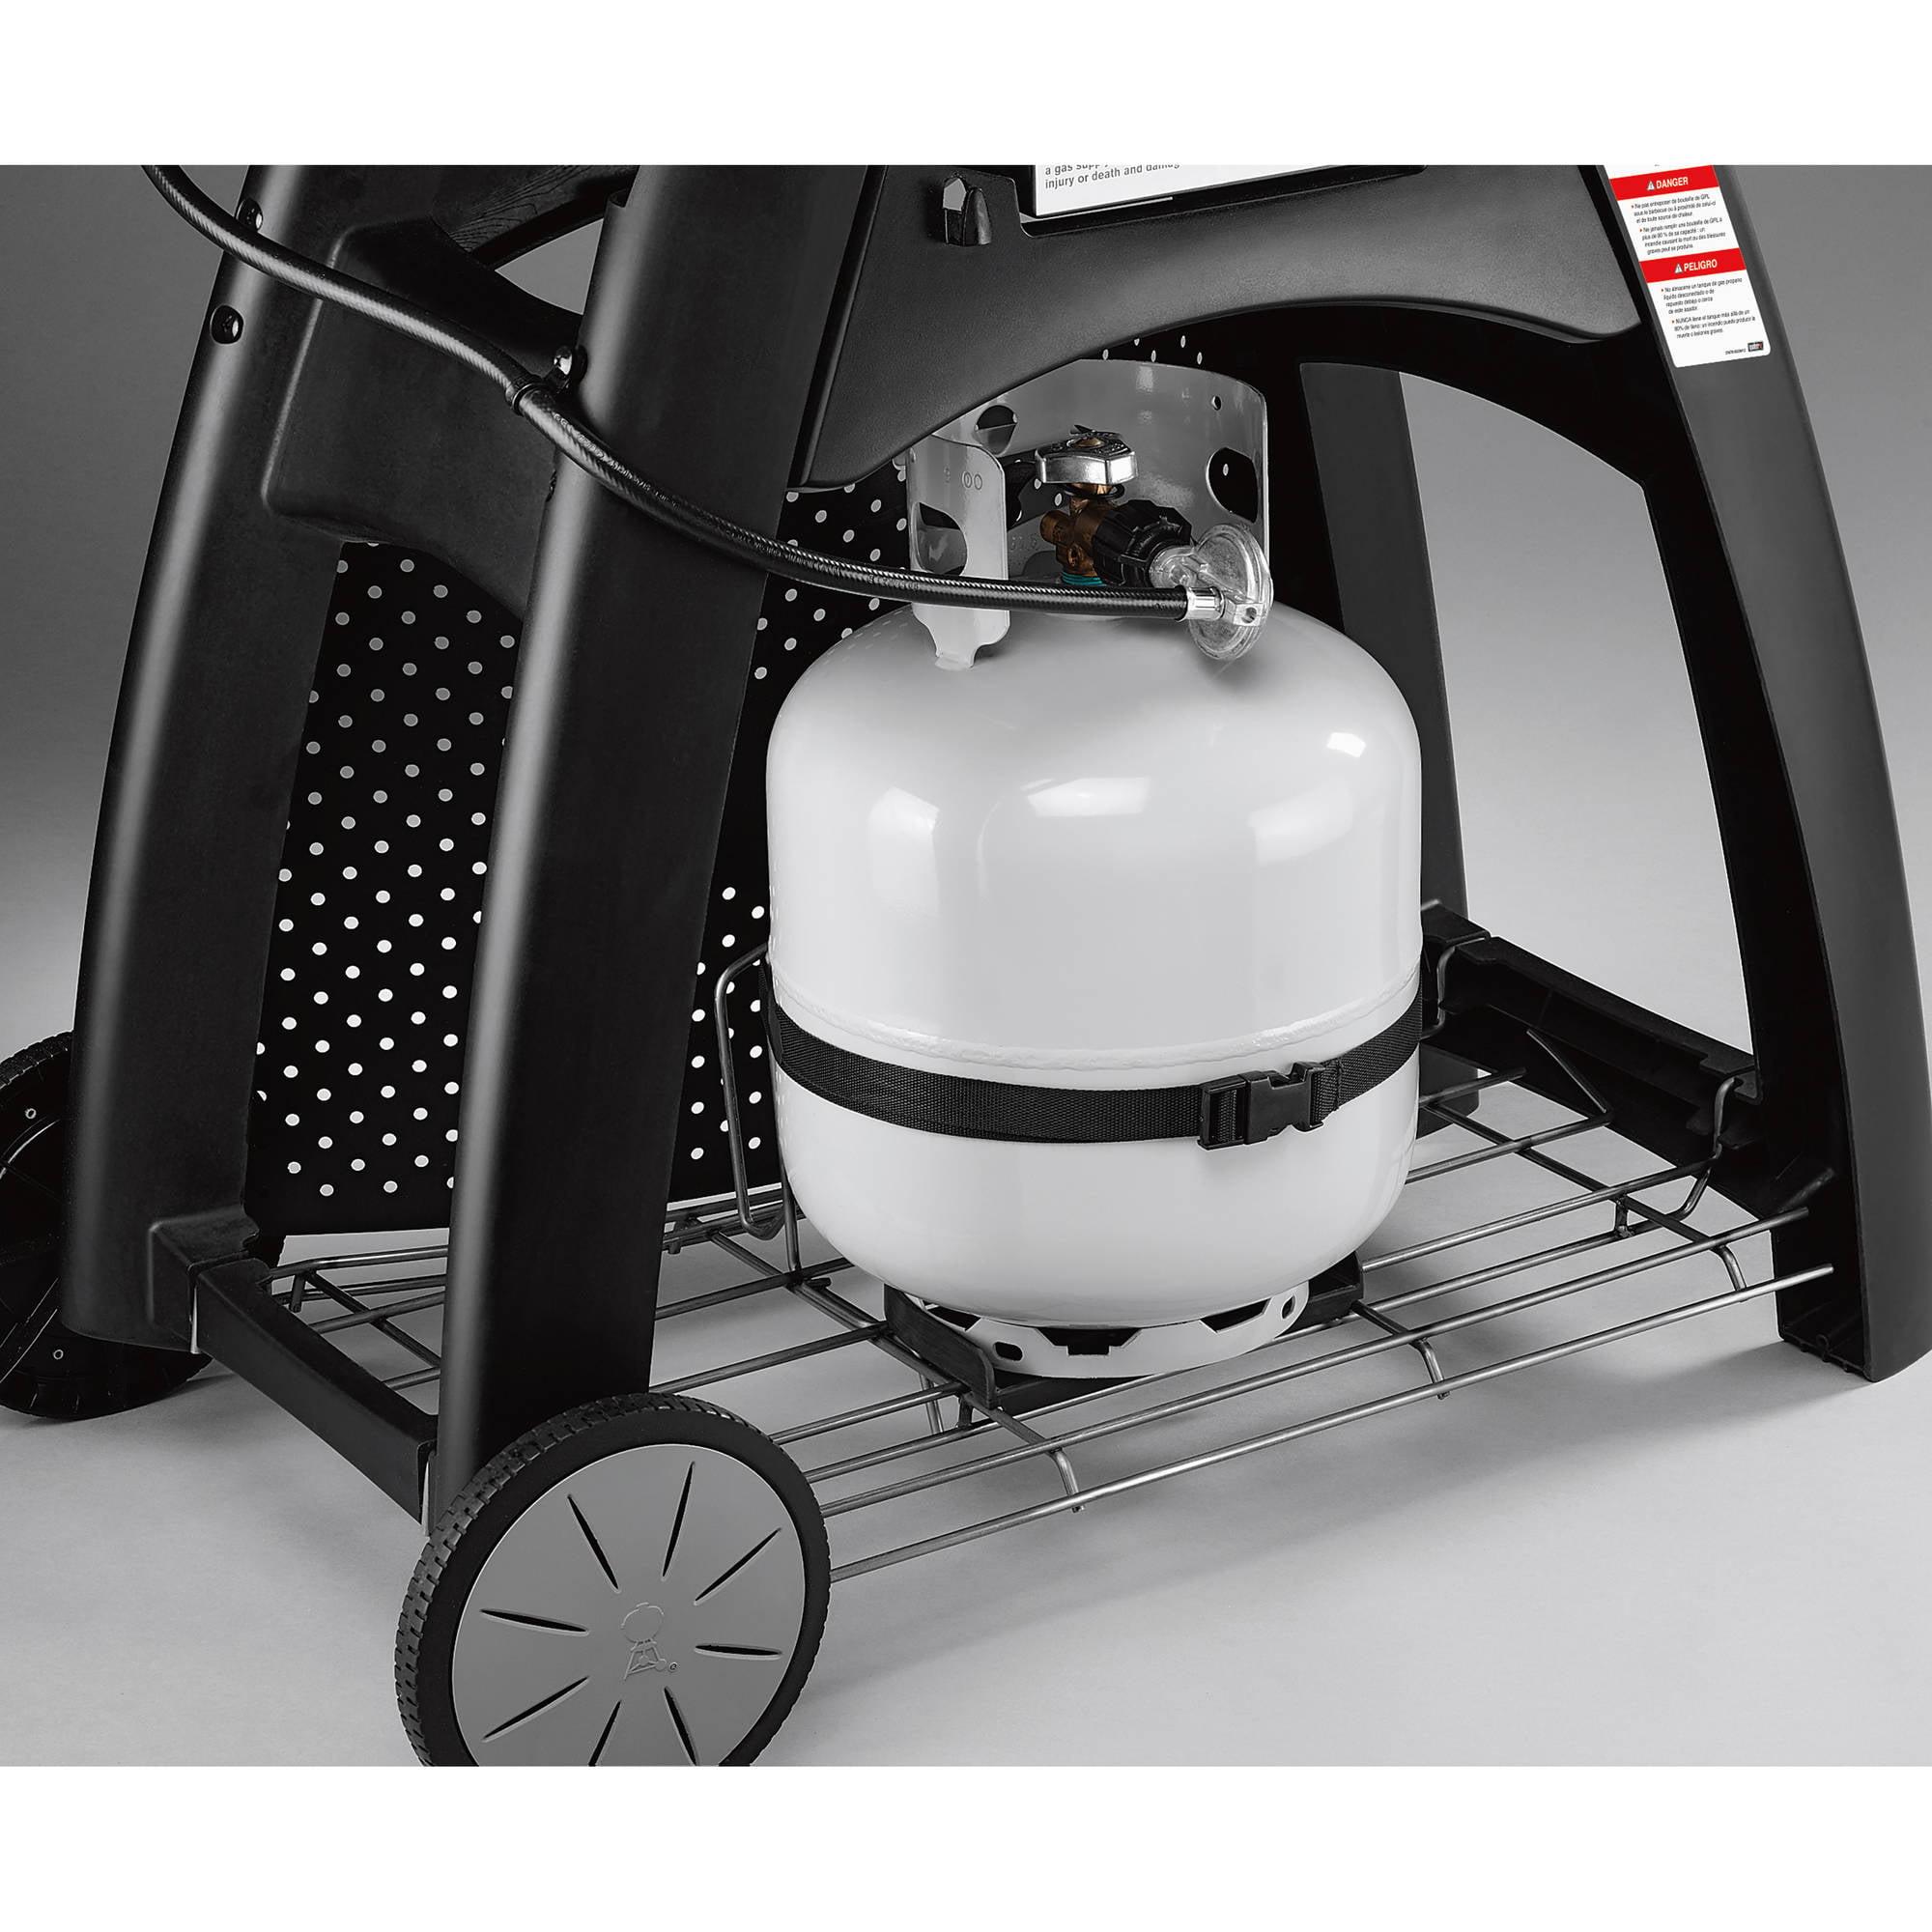 Unterschiedlich Weber Q3200 2-Burner Propane Gas Grill - Walmart.com RQ49